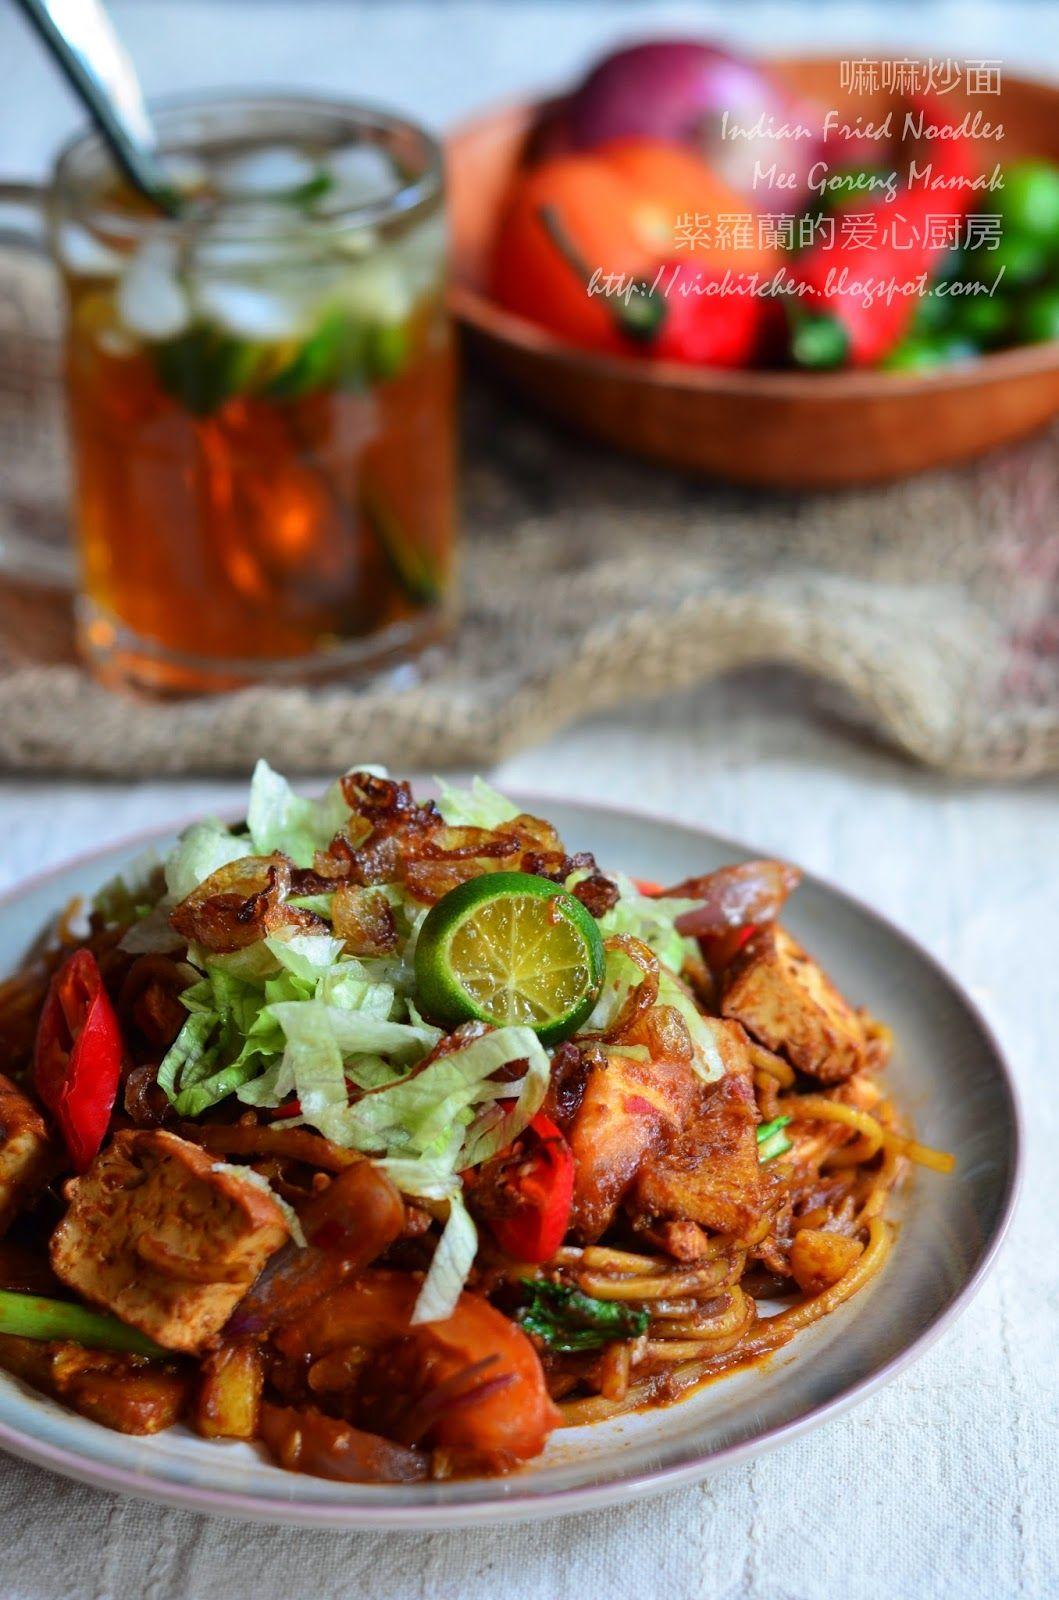 Indian Fried Noodles | Mee Goreng Mamak